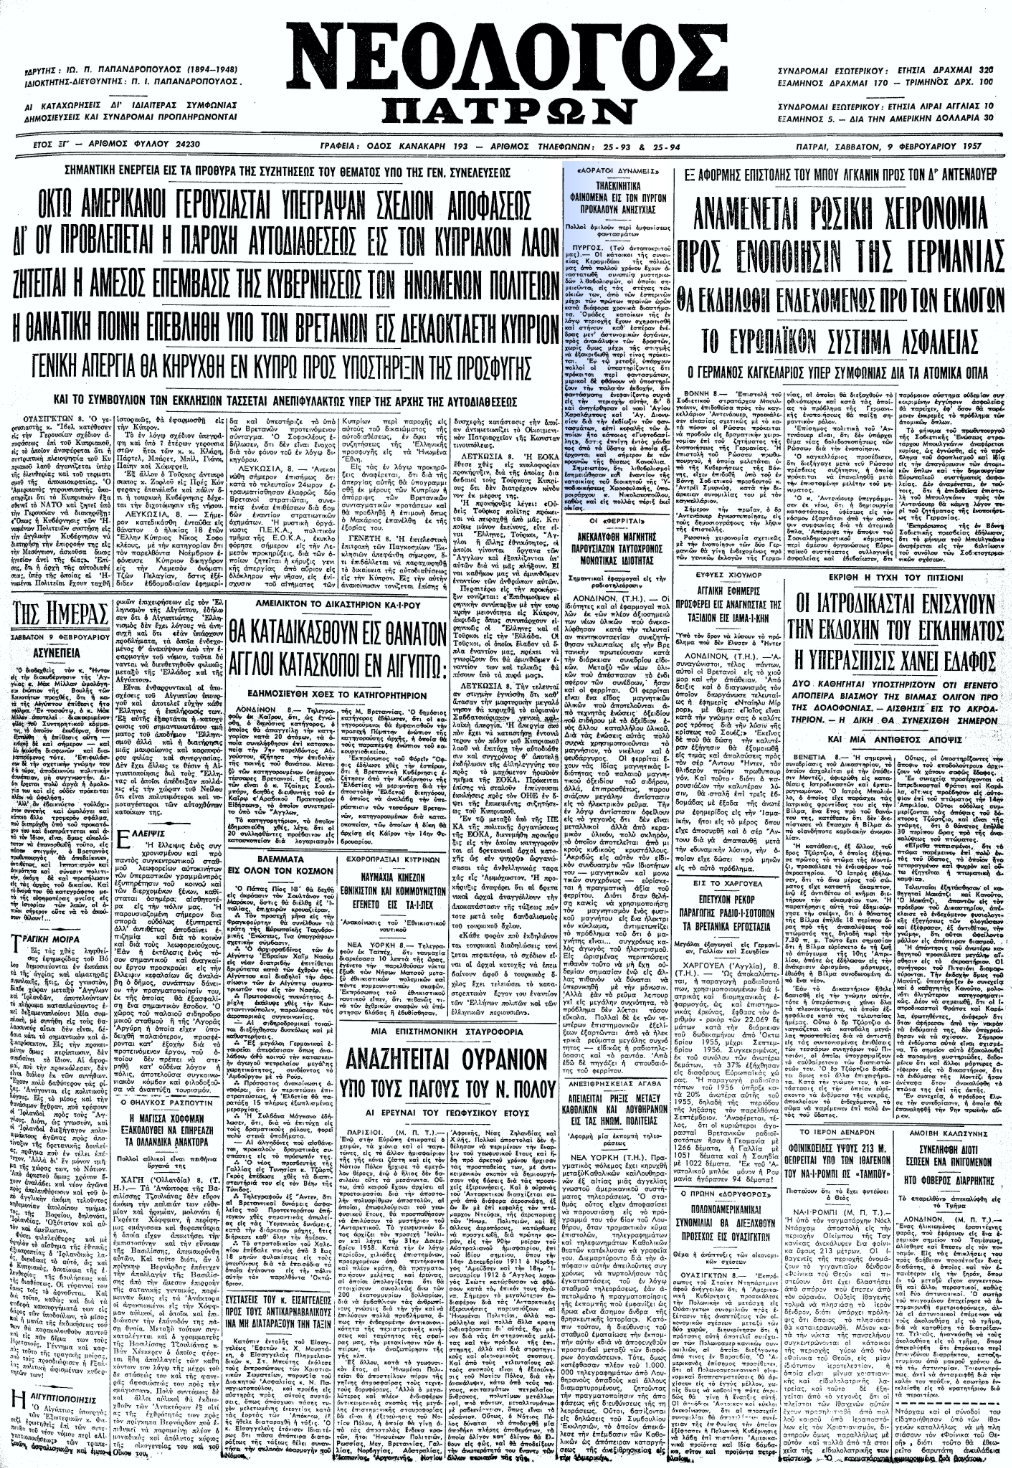 """Το άρθρο, όπως δημοσιεύθηκε στην εφημερίδα """"ΝΕΟΛΟΓΟΣ ΠΑΤΡΩΝ"""", στις 09/02/1957"""